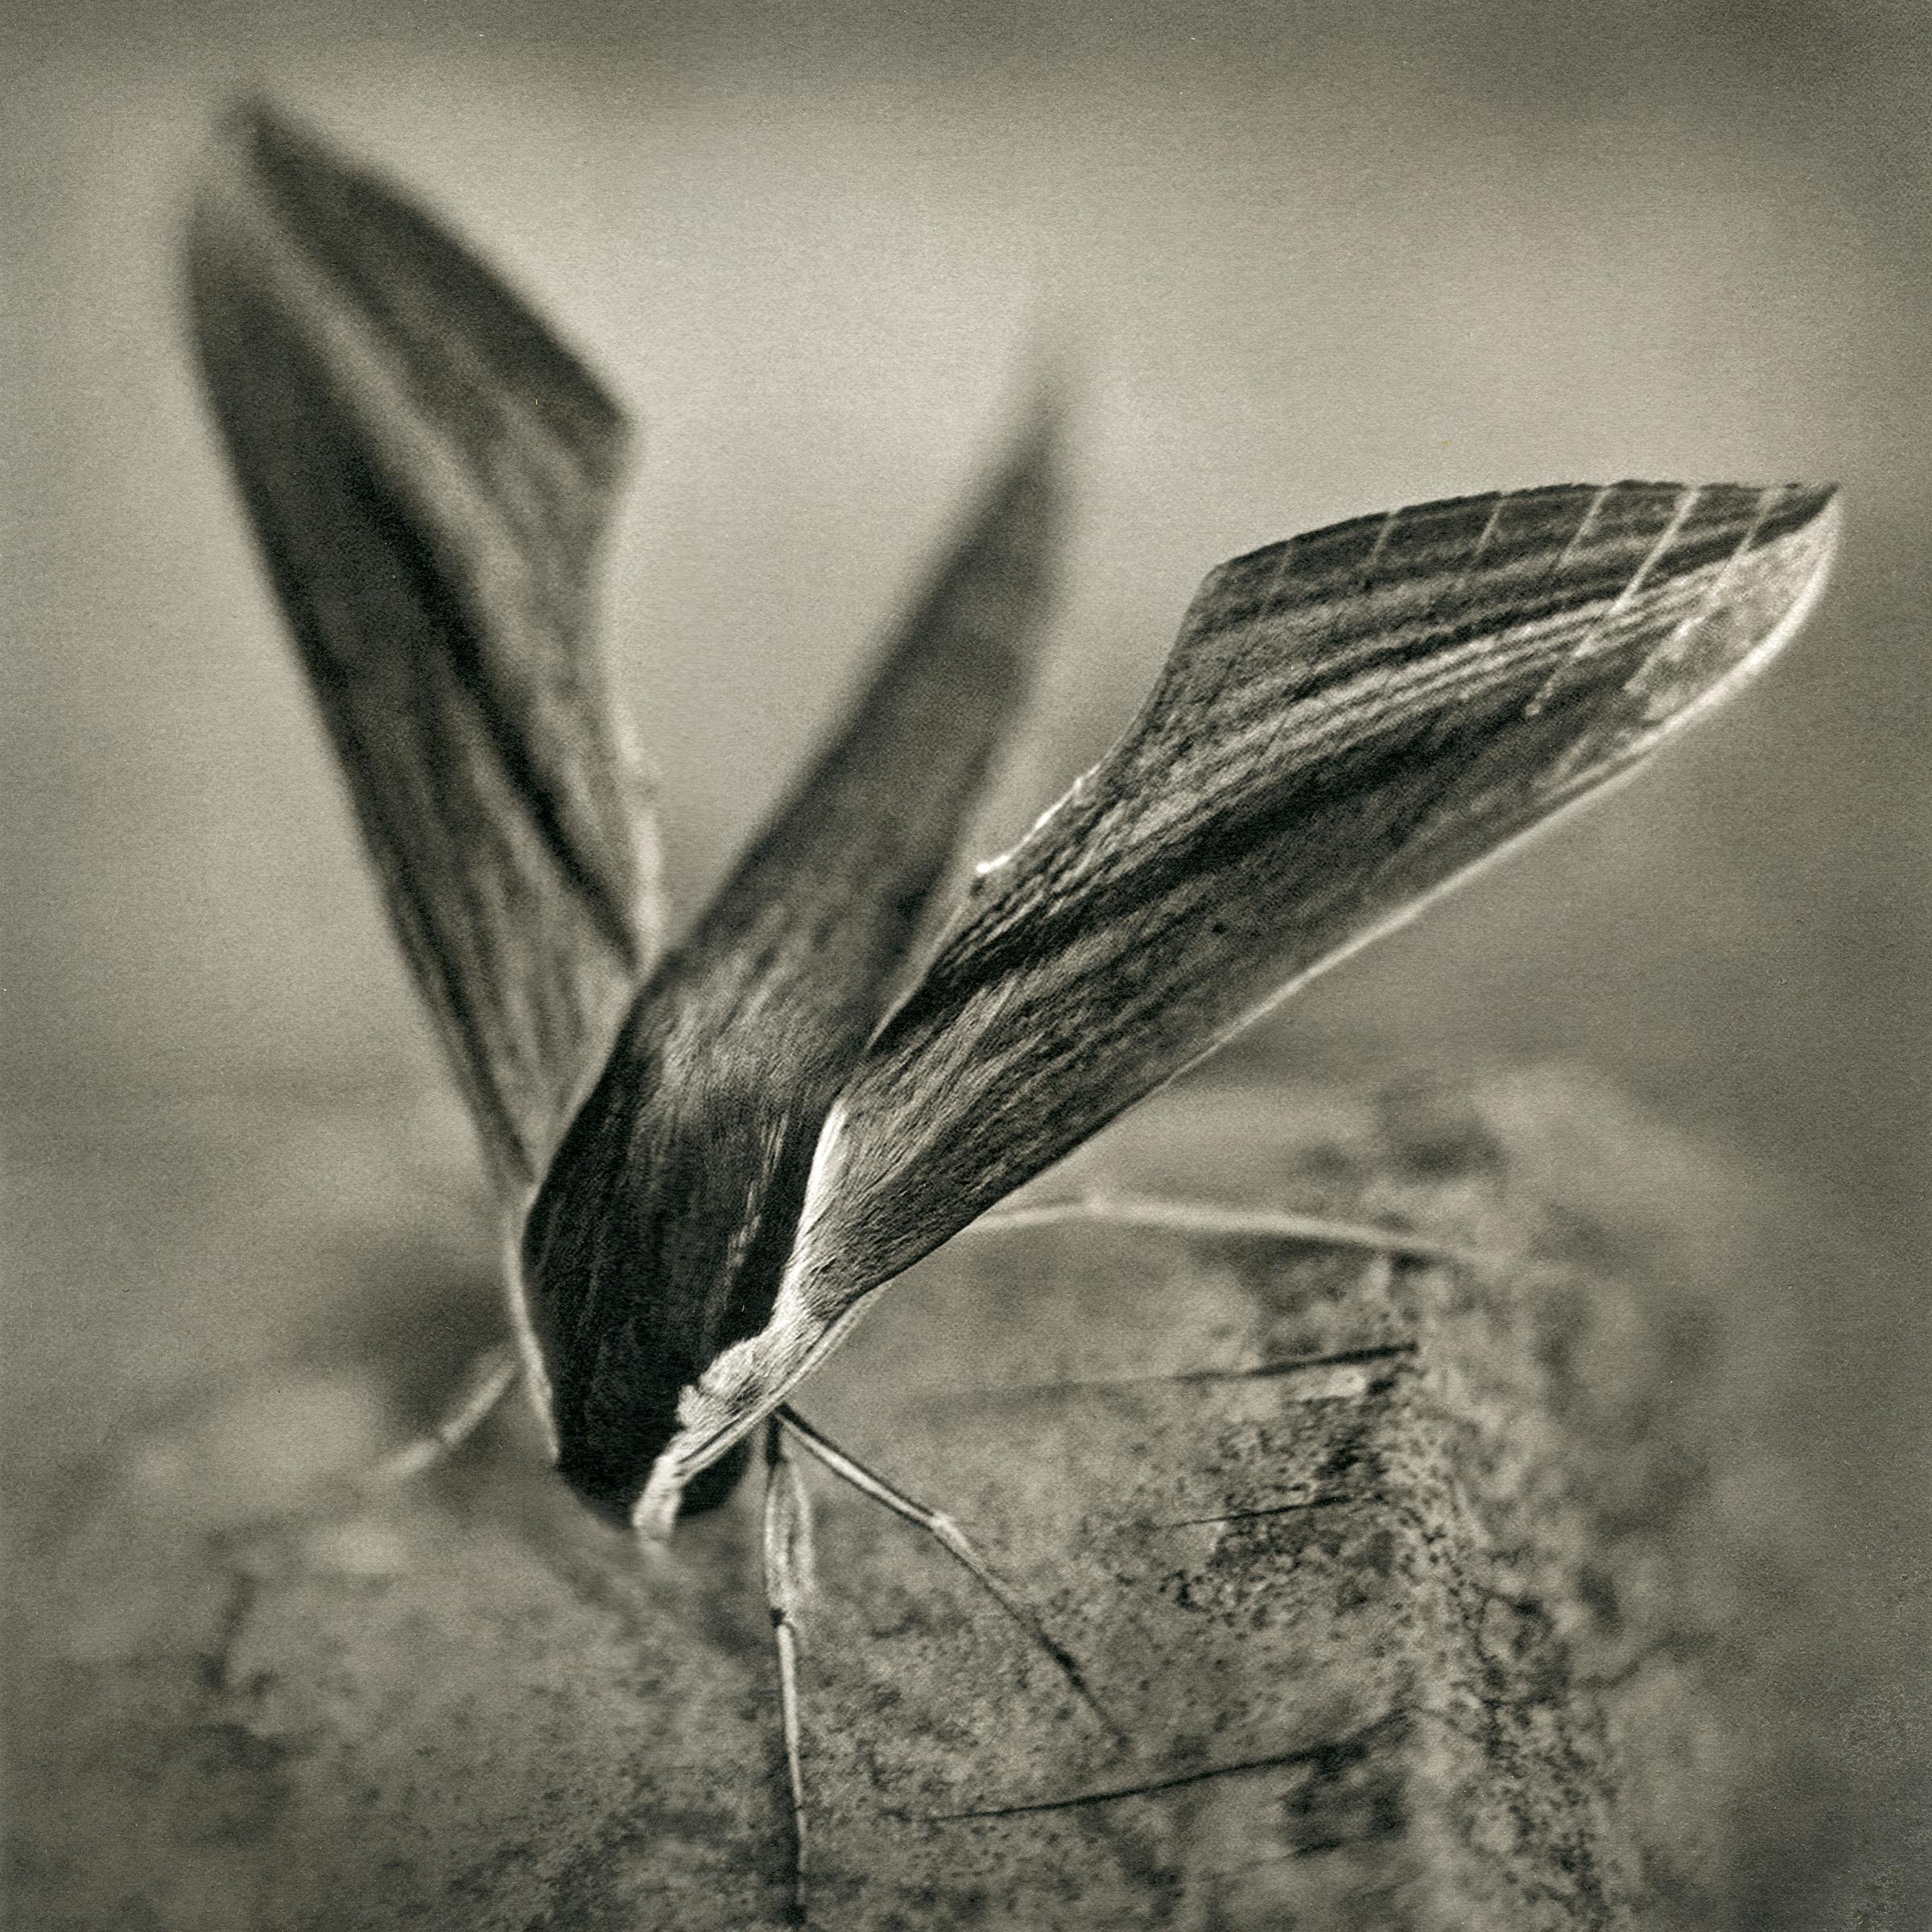 sphinx_moth,2016.jpg